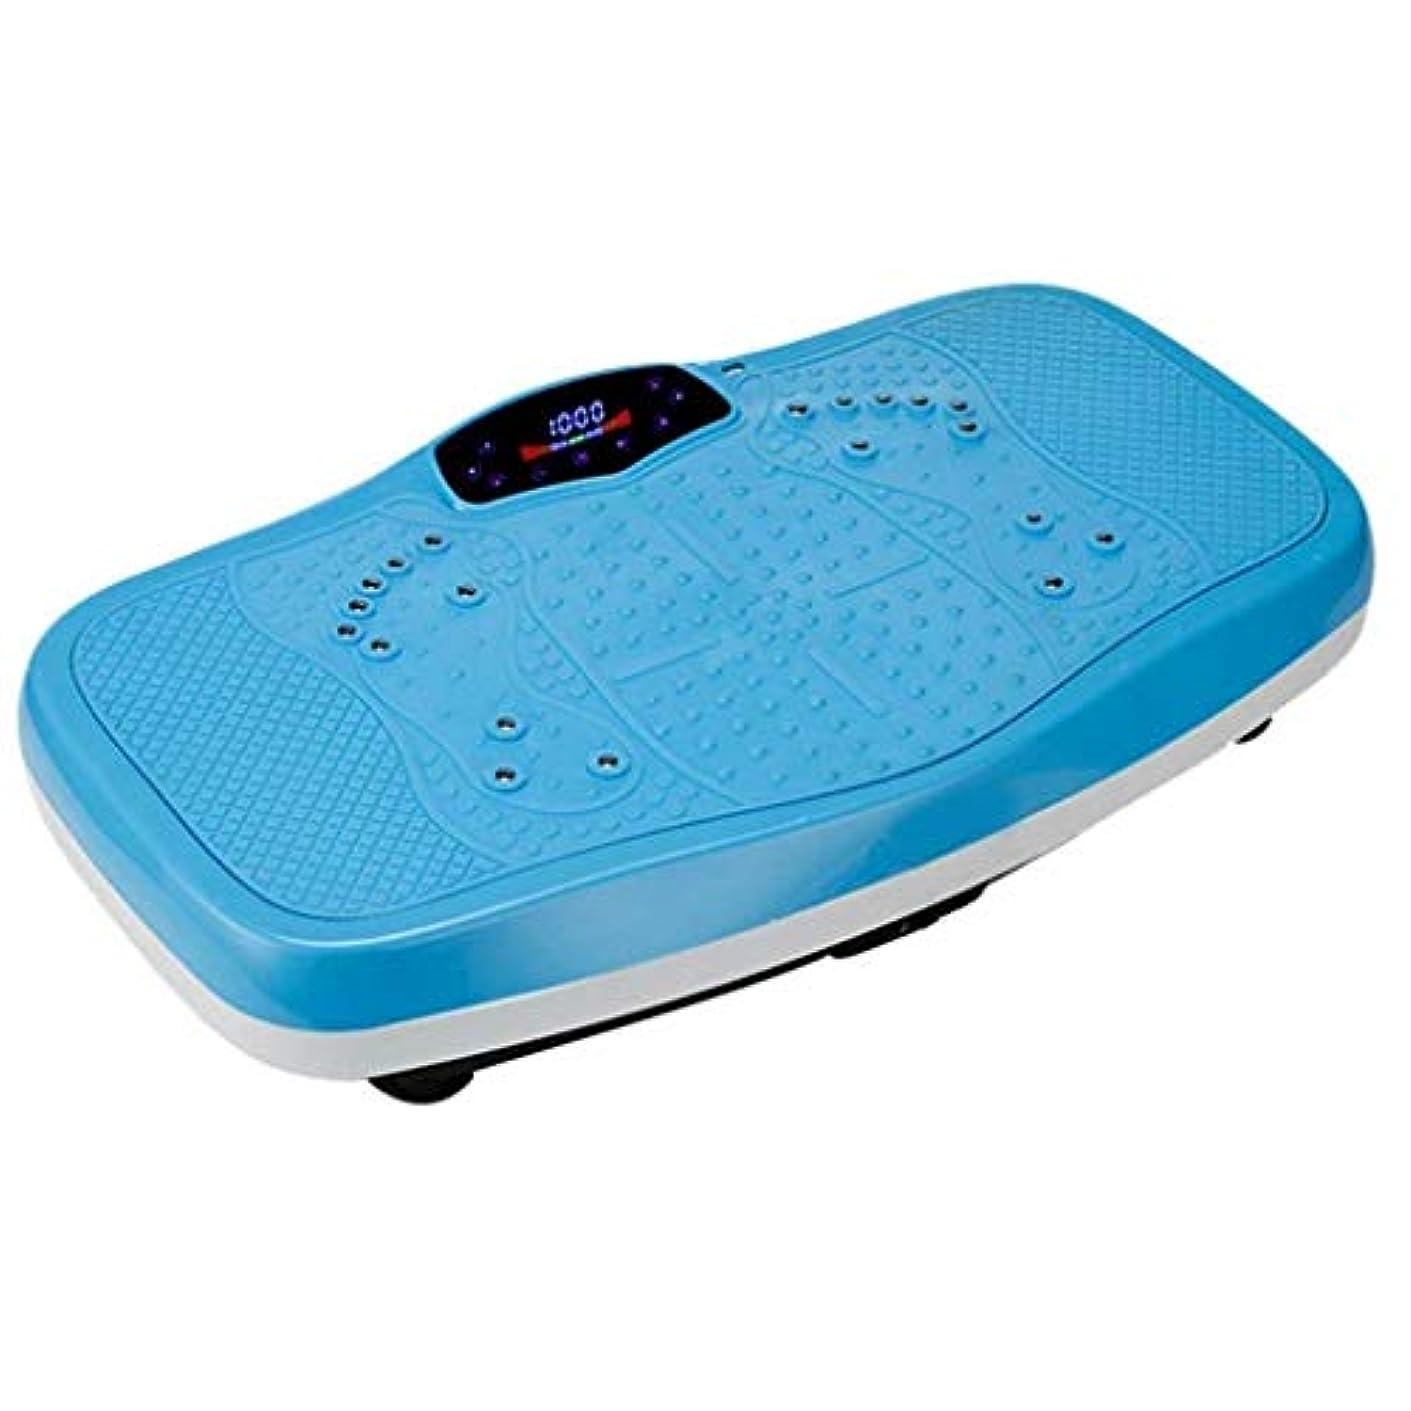 オペレーター制限対処減量機、運動振動フィットネス形状体重減量機、Bluetoothスピーカー、家族/ジムに適し、ホームオフィス減量 (Color : 青)